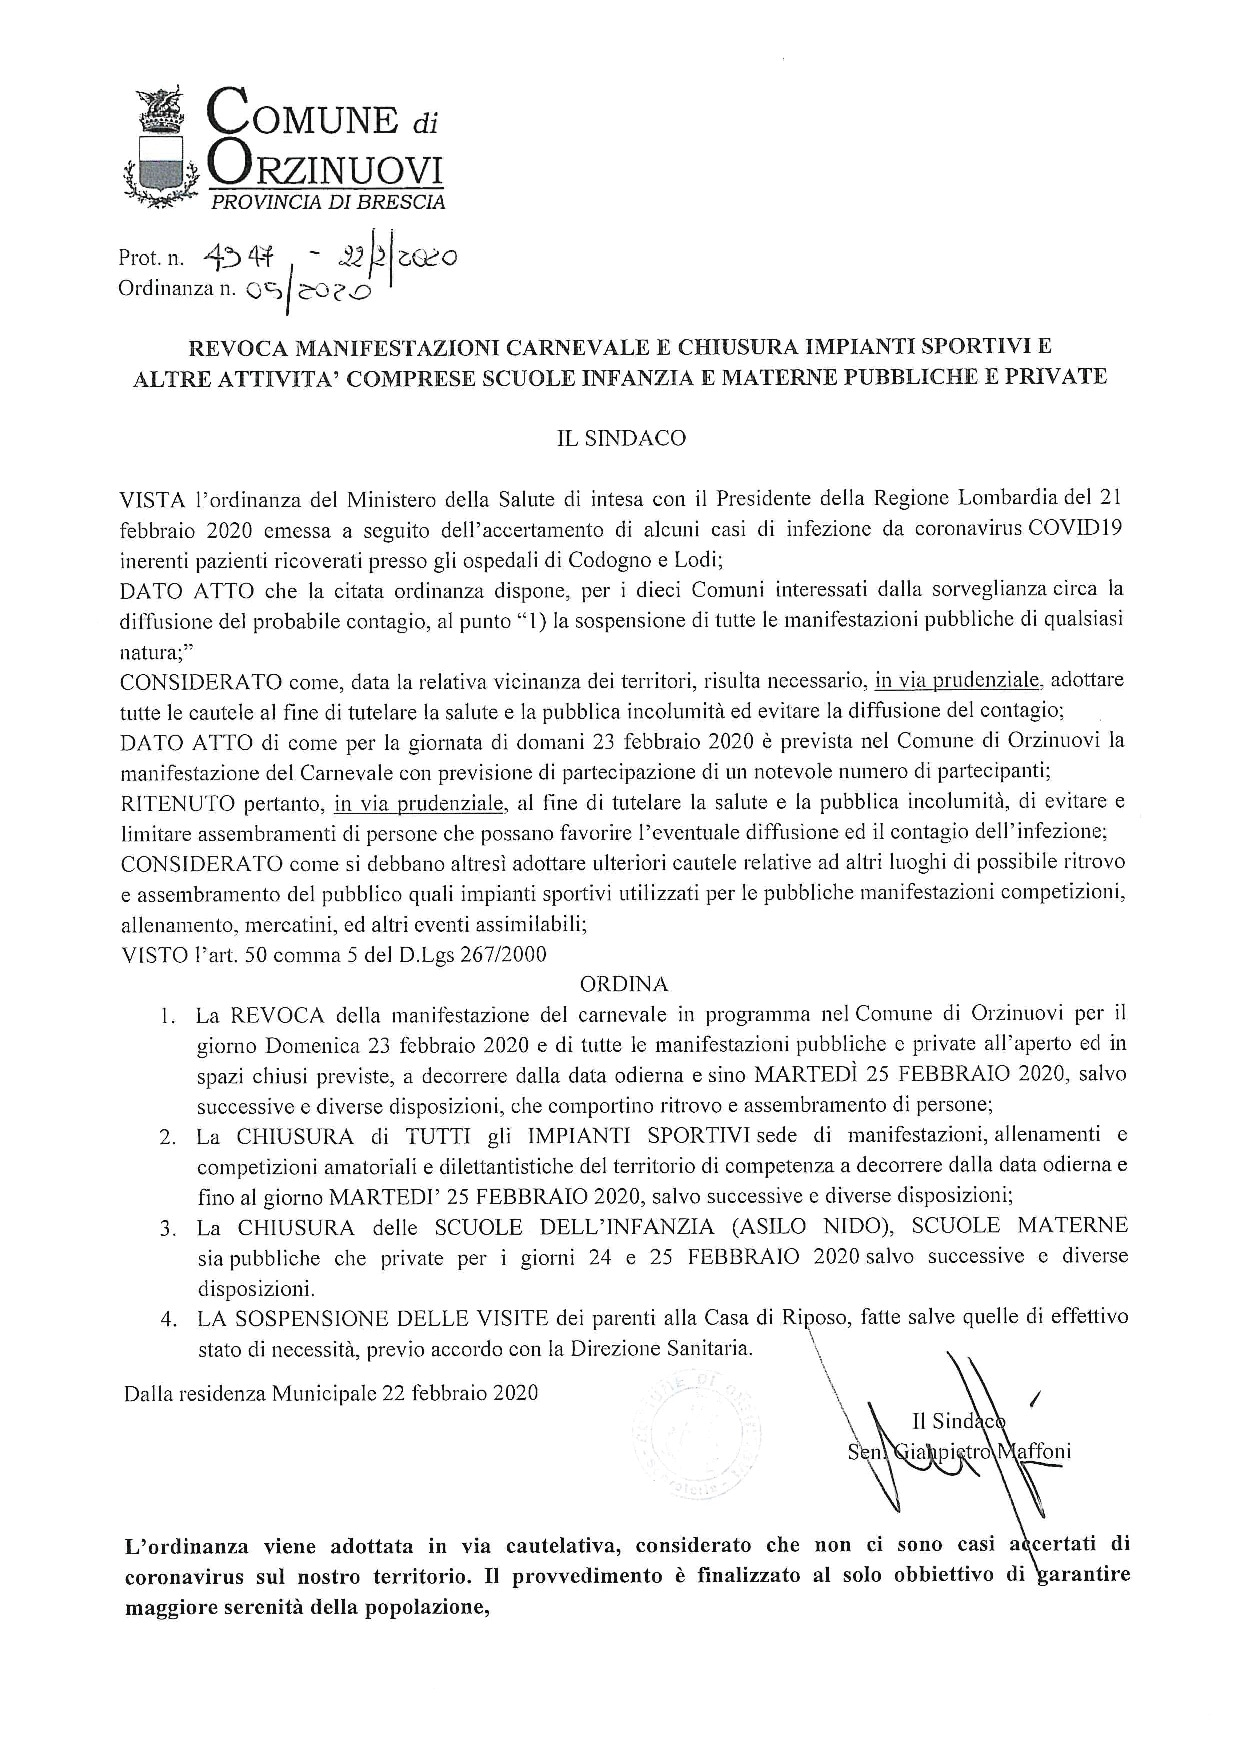 Orzinuovi chiude le scuole e gli impianti sportivi-2